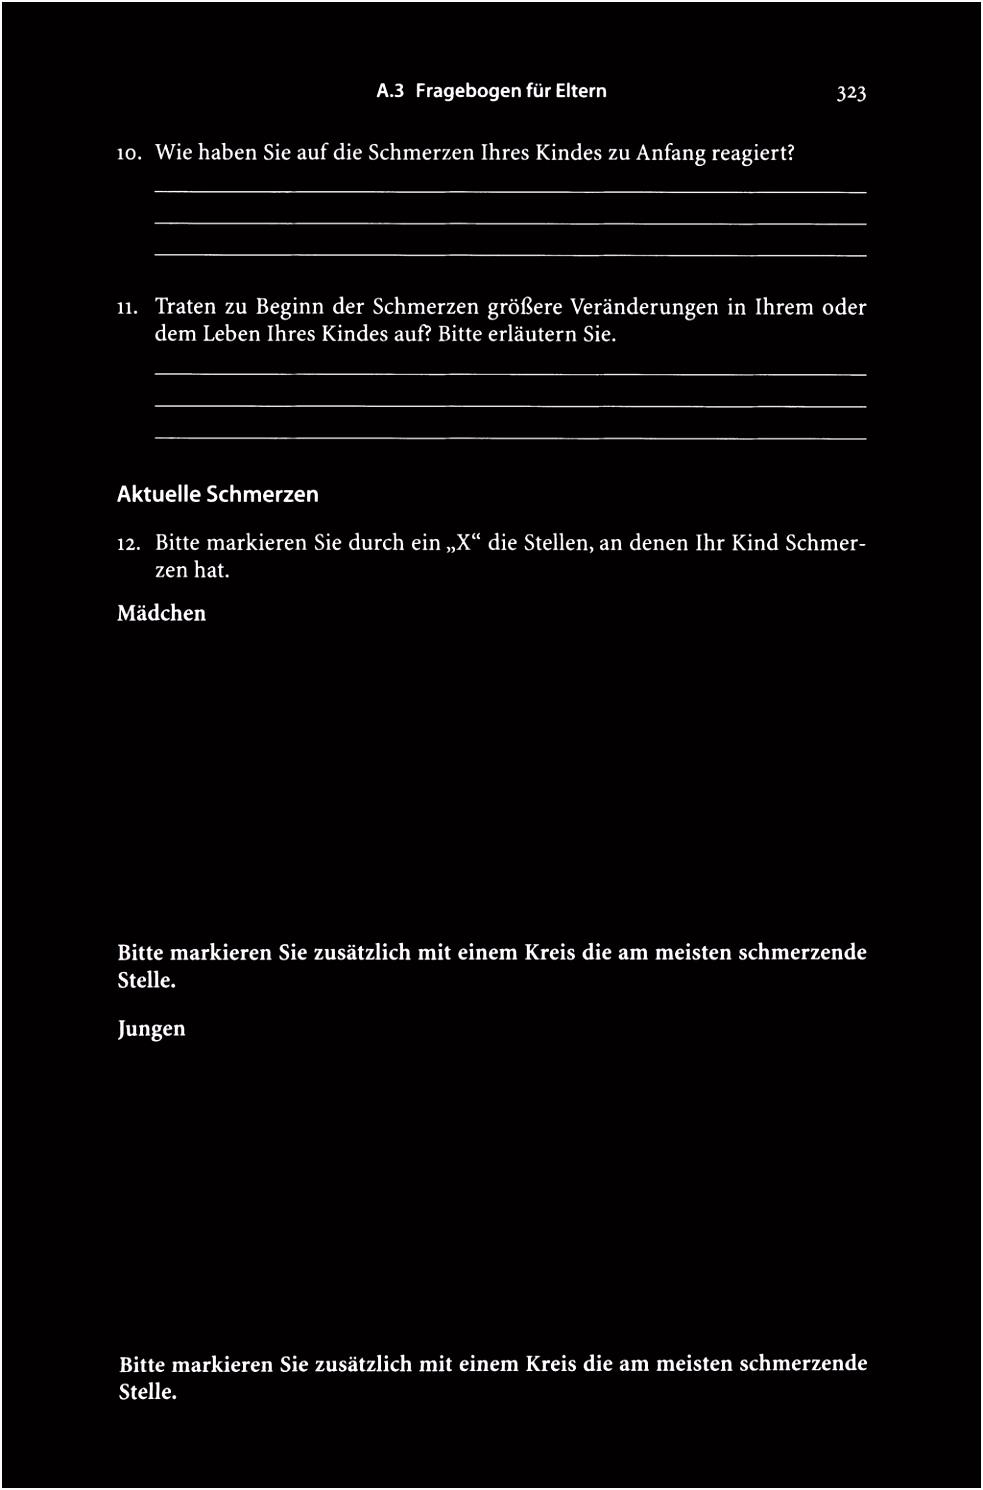 Anhang A Dattelner Schmerzfragebogen PDF